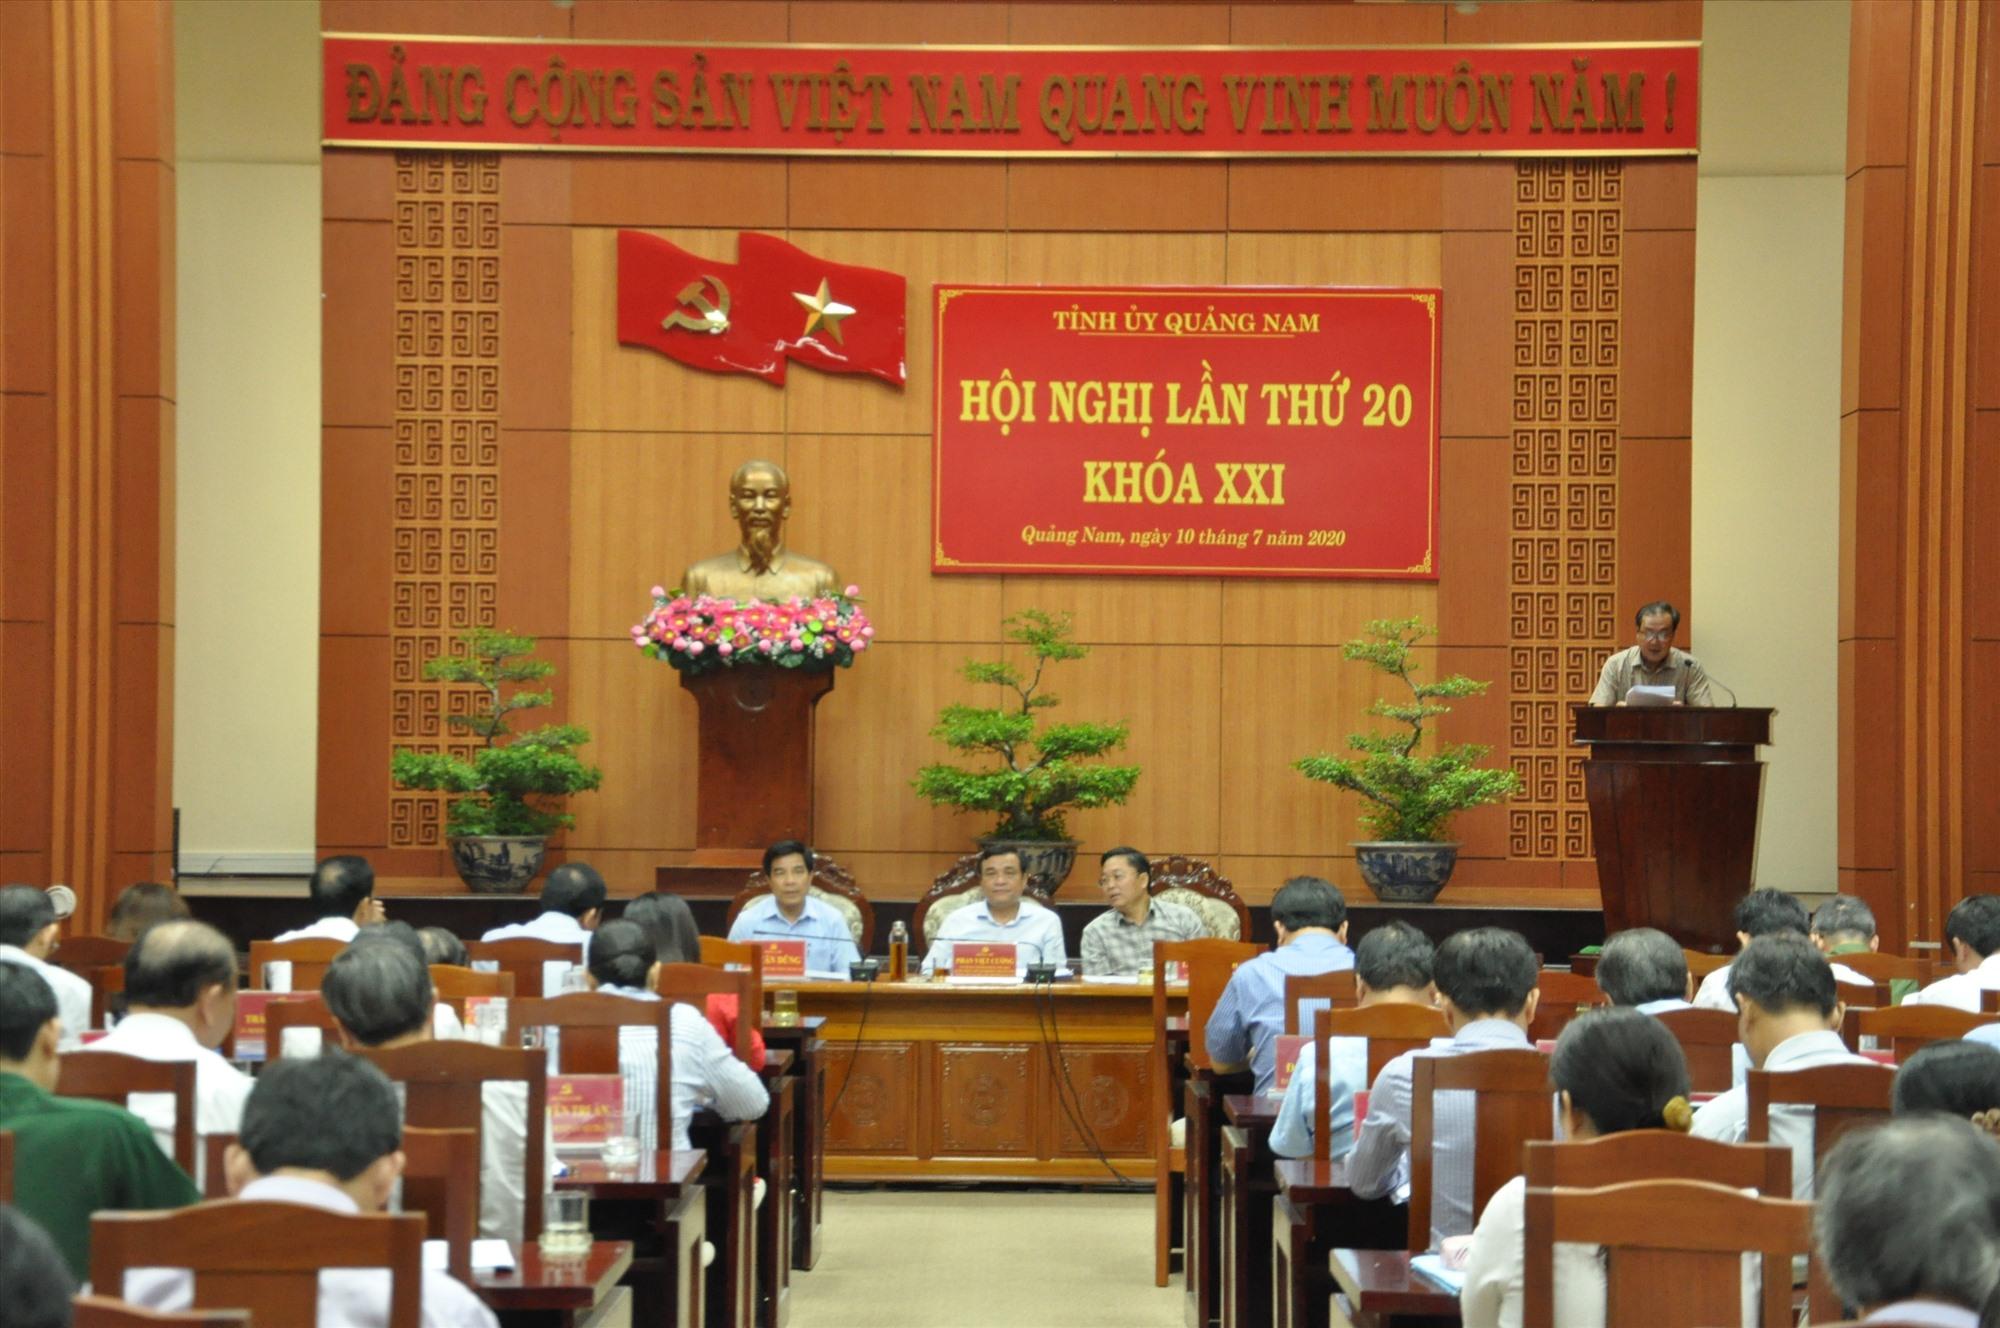 Hội nghị đánh giá kinh tế Quảng Nam gặp nhiều khó khăn trong 6 tháng đầu năm 2020. Ảnh: X.P